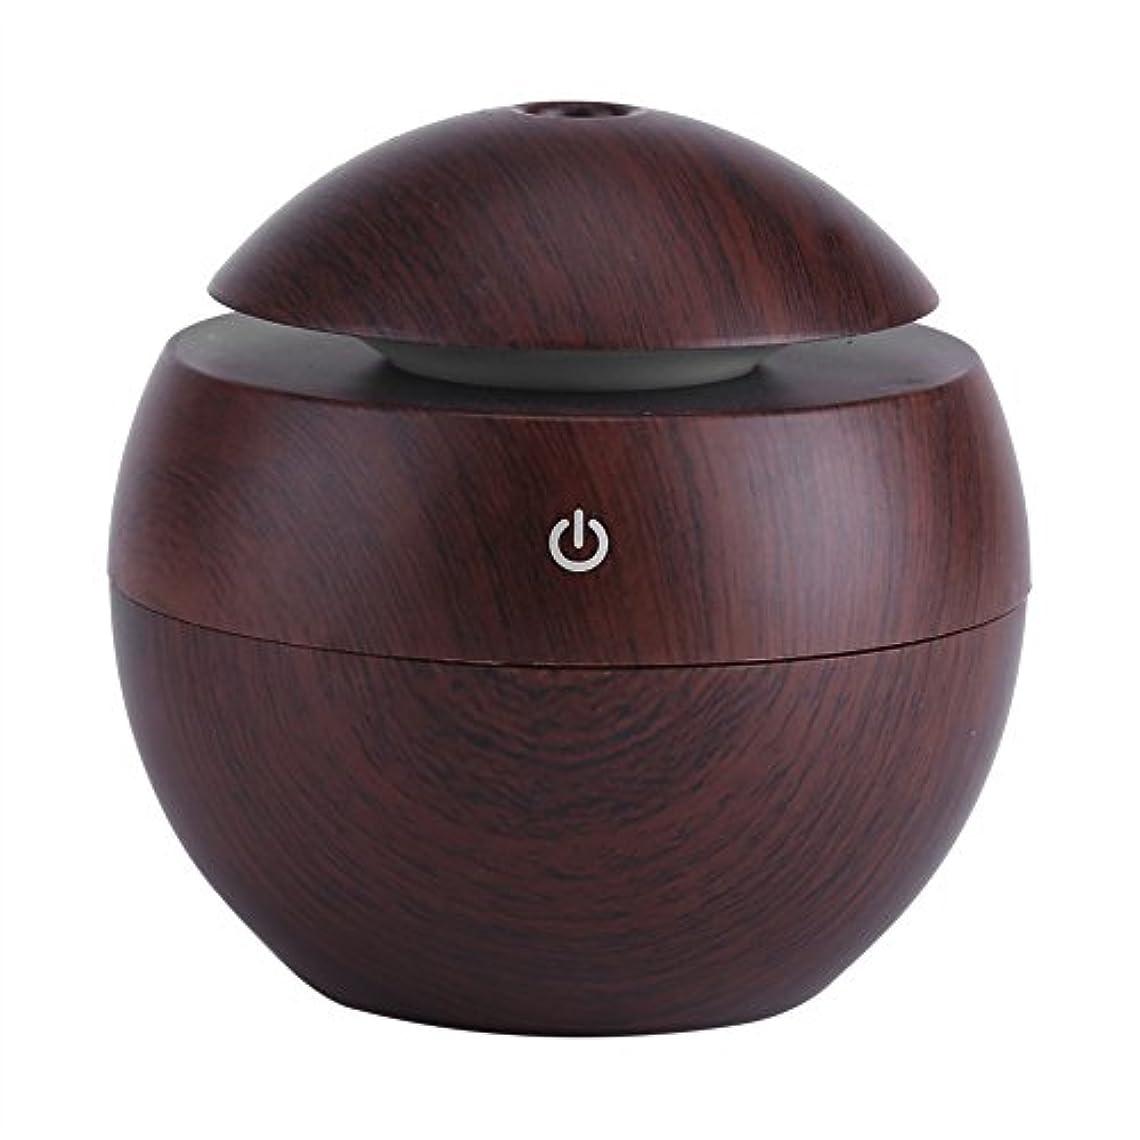 枯渇不変企業空気清浄器、USBの必要なLEDの接触香りの超音波加湿器オイルの拡散器の空気清浄器(褐色)